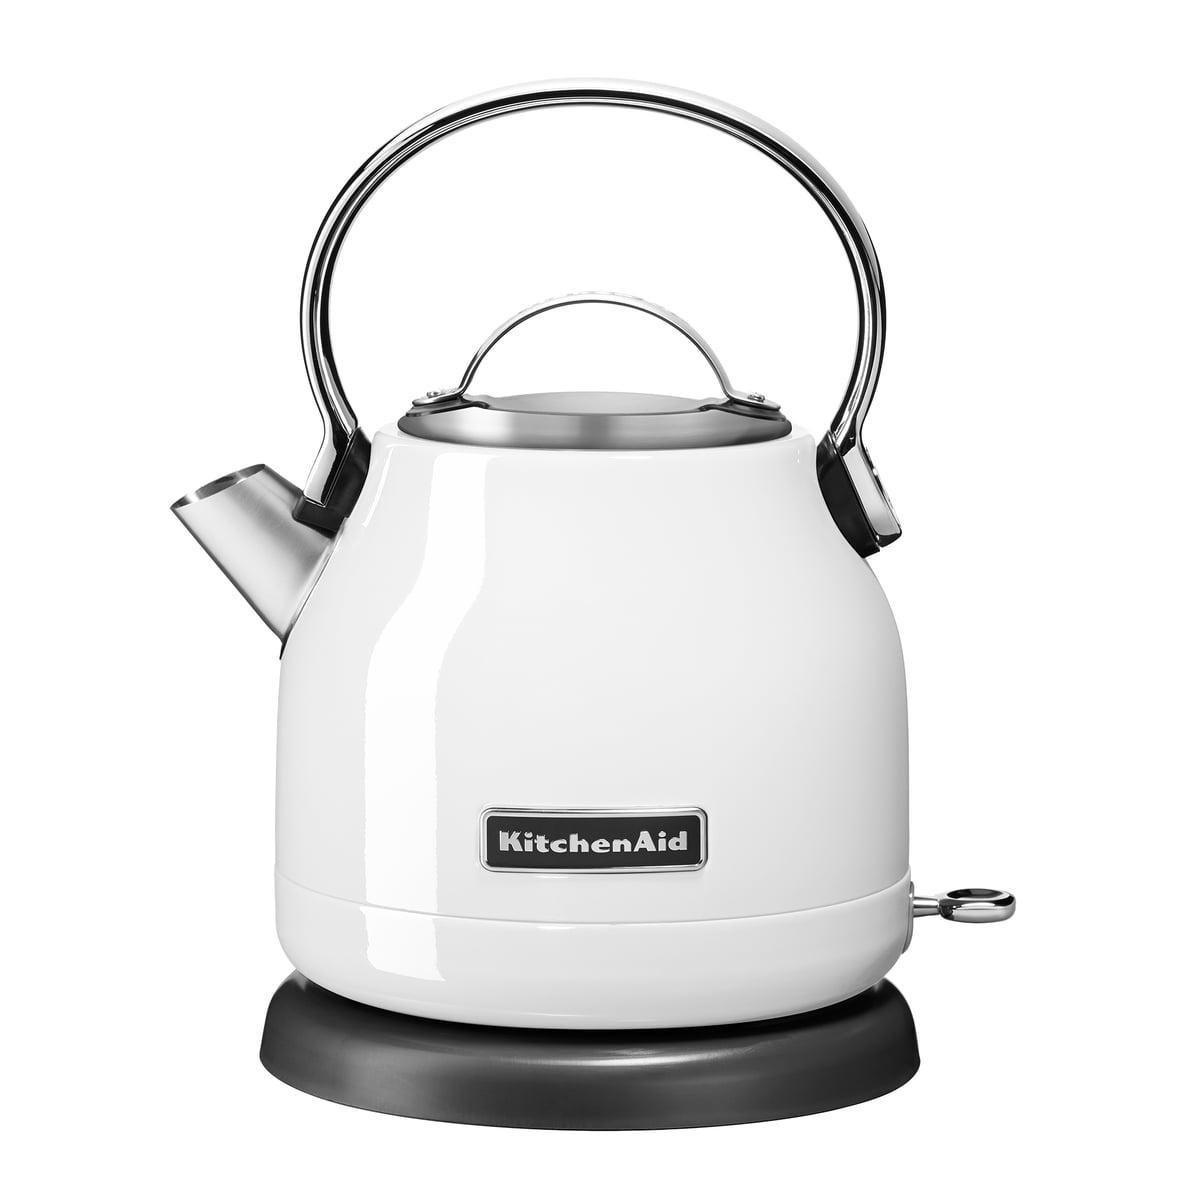 Kitchen Aid KitchenAid - Wasserkocher 1,25 l (5KEK1222), weiß | Küche und Esszimmer > Küchengeräte > Wasserkocher | Weiß | Edelstahl -  aluminium -  kunststoff | Kitchen Aid